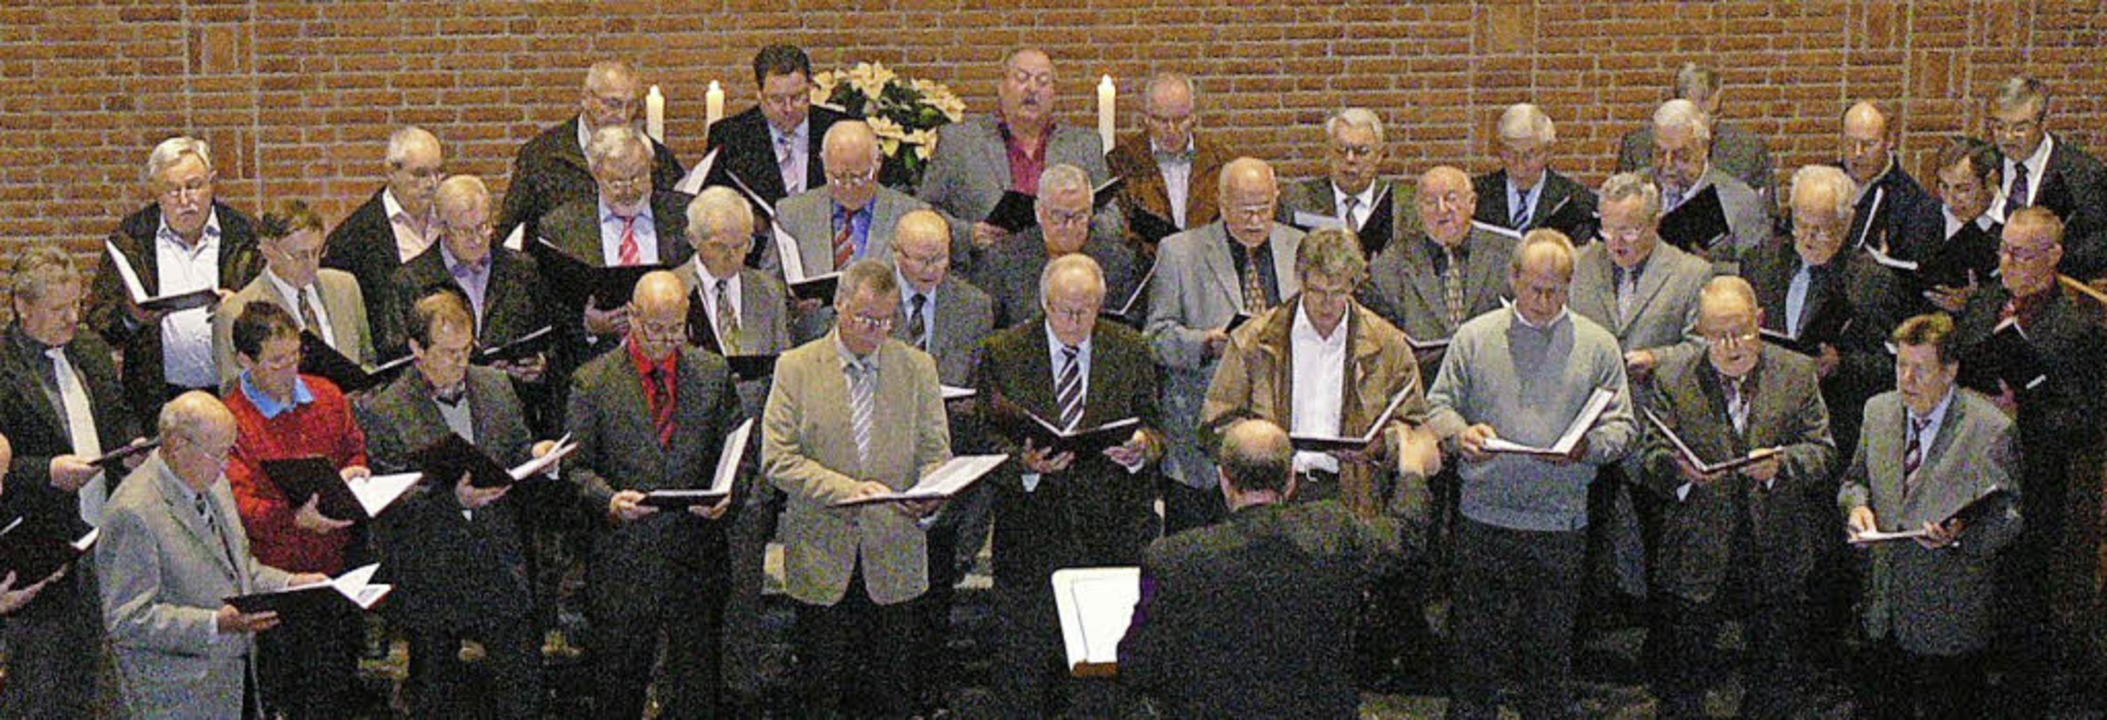 Der Männergesangverein Harmonie Ichenh...traditionellen Weihnachtsliedersingen     Foto: Dieter Fink